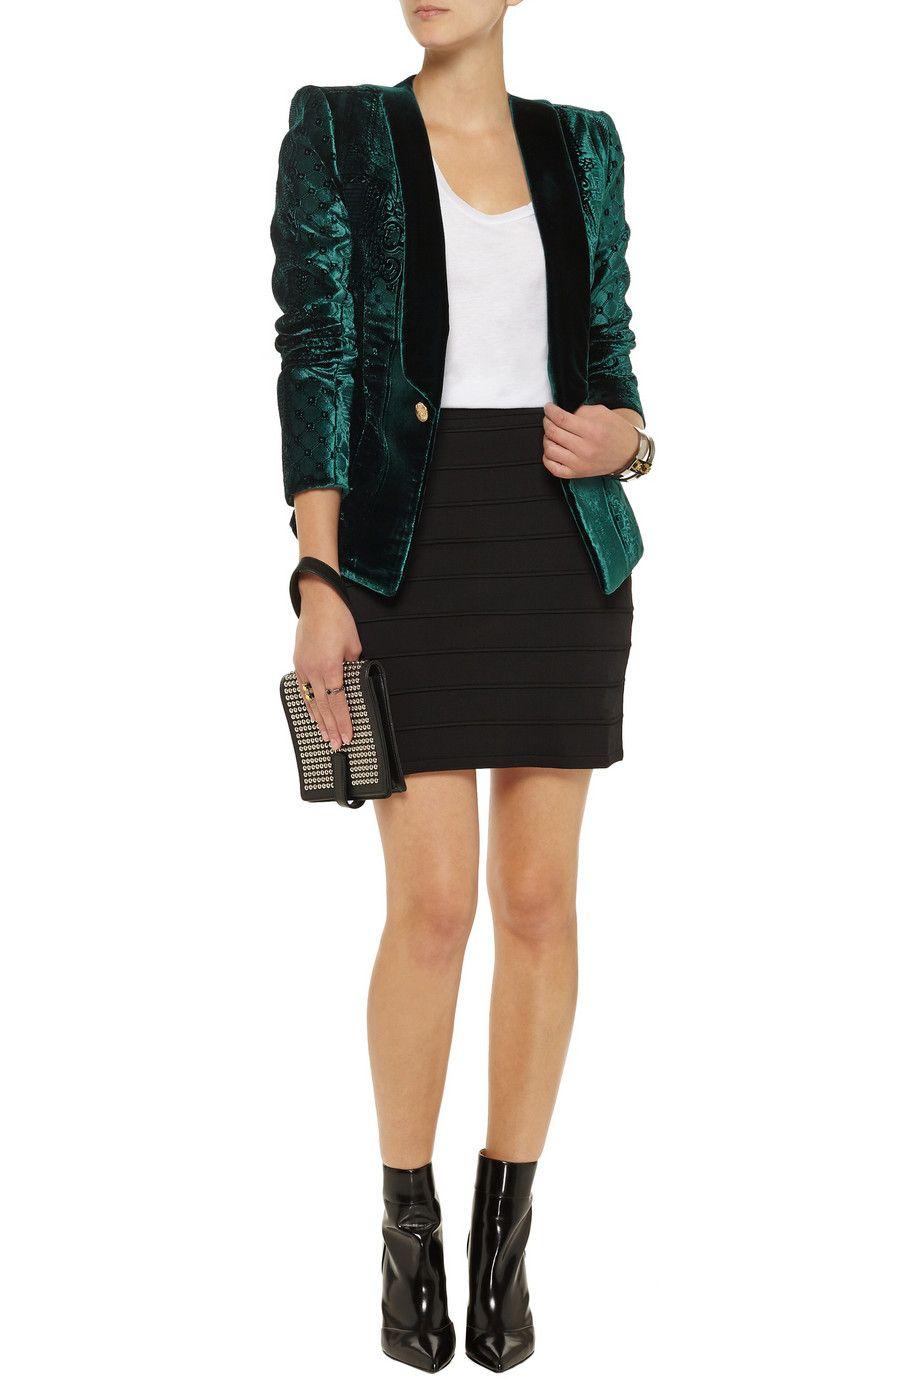 Velvetbrocade blazer balmain off the outnet style